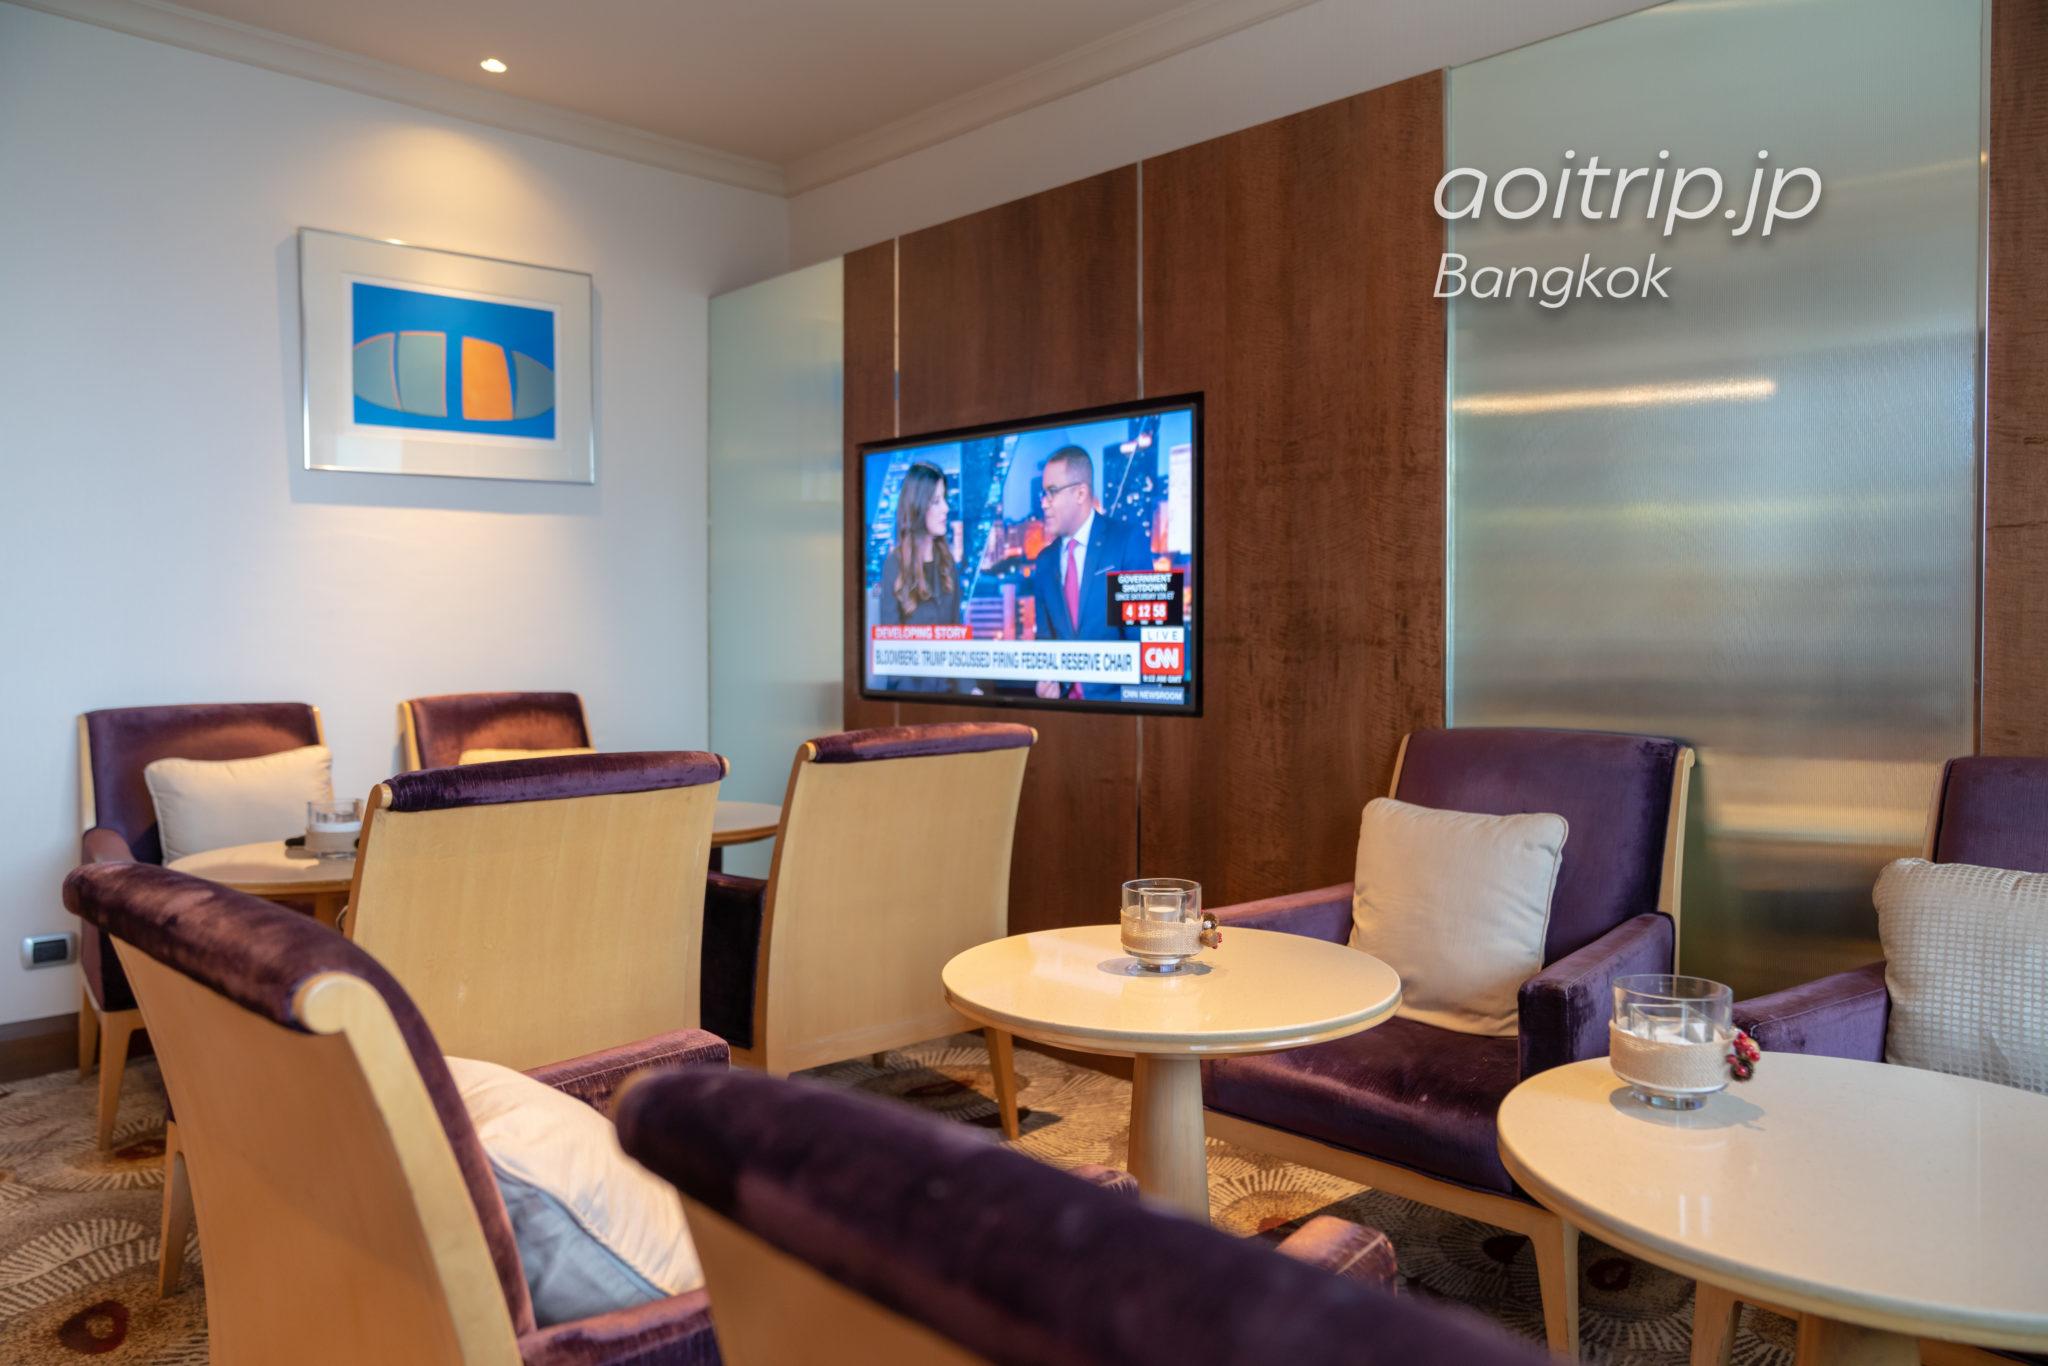 ウェスティン グランデ スクンビット バンコクのホテル クラブラウンジ